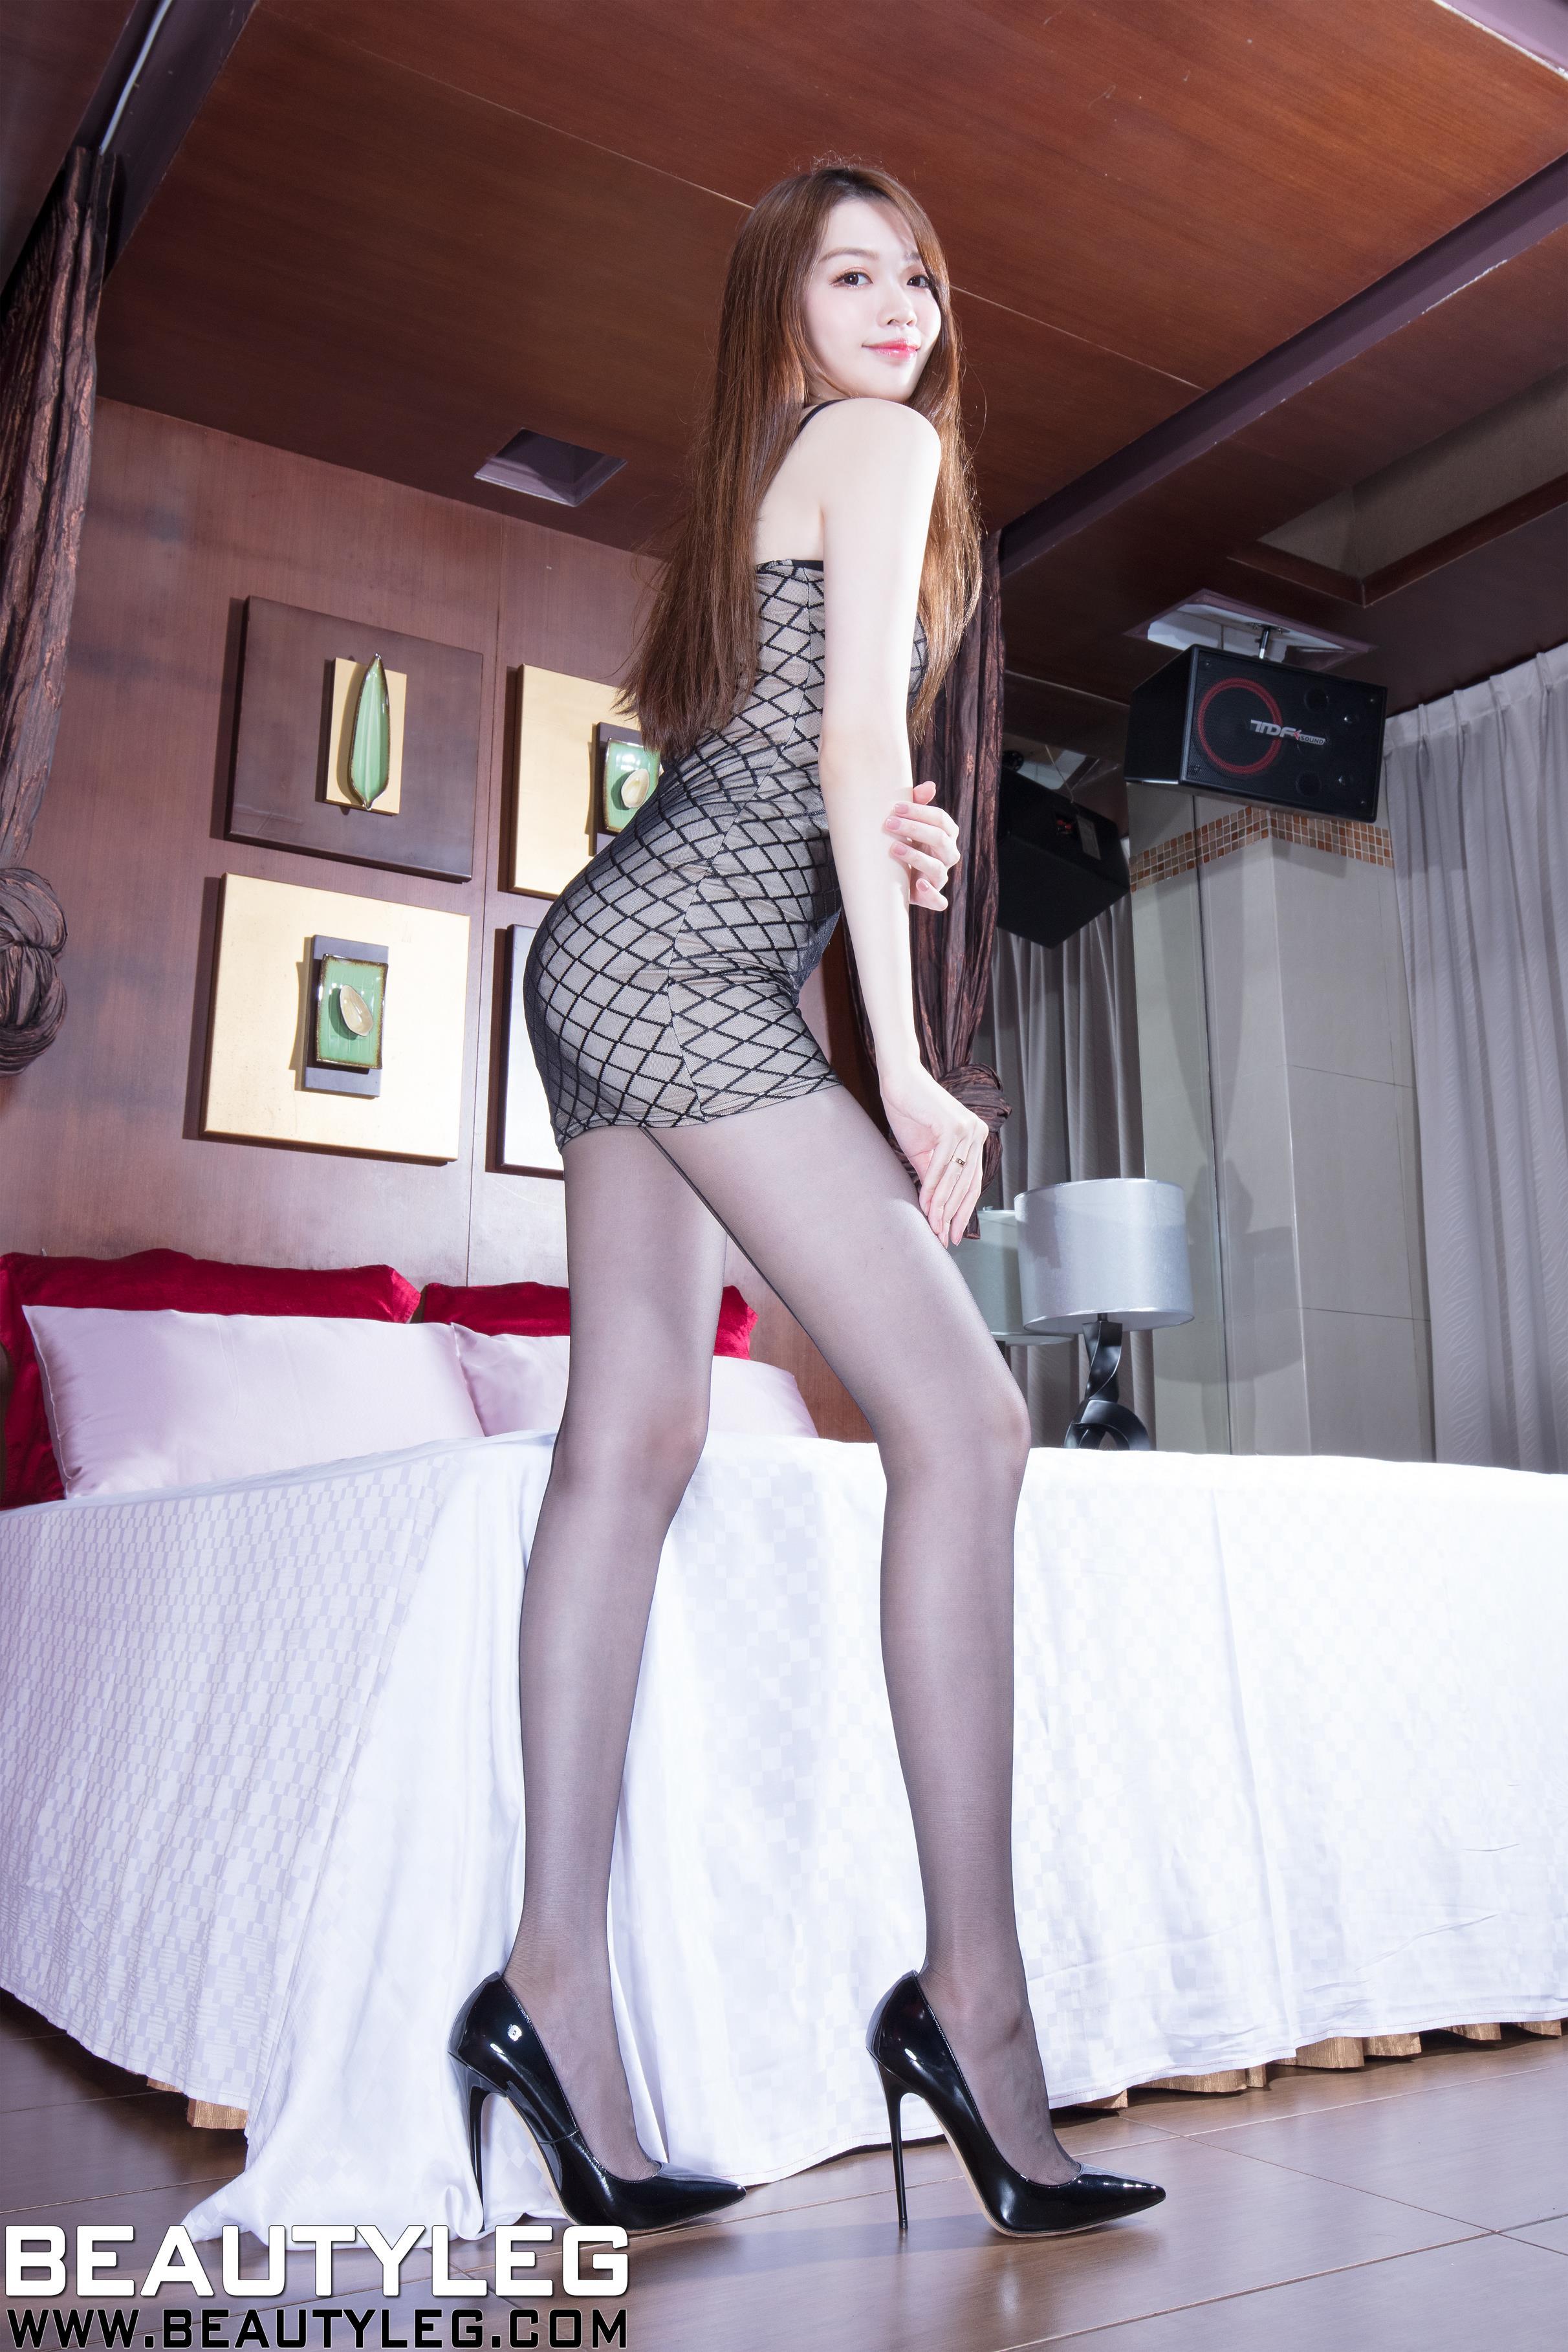 [beautyleg美腿写真]No.1756 Joanna 黑色吊带连衣裙加黑色丝袜美腿性感私房写真集